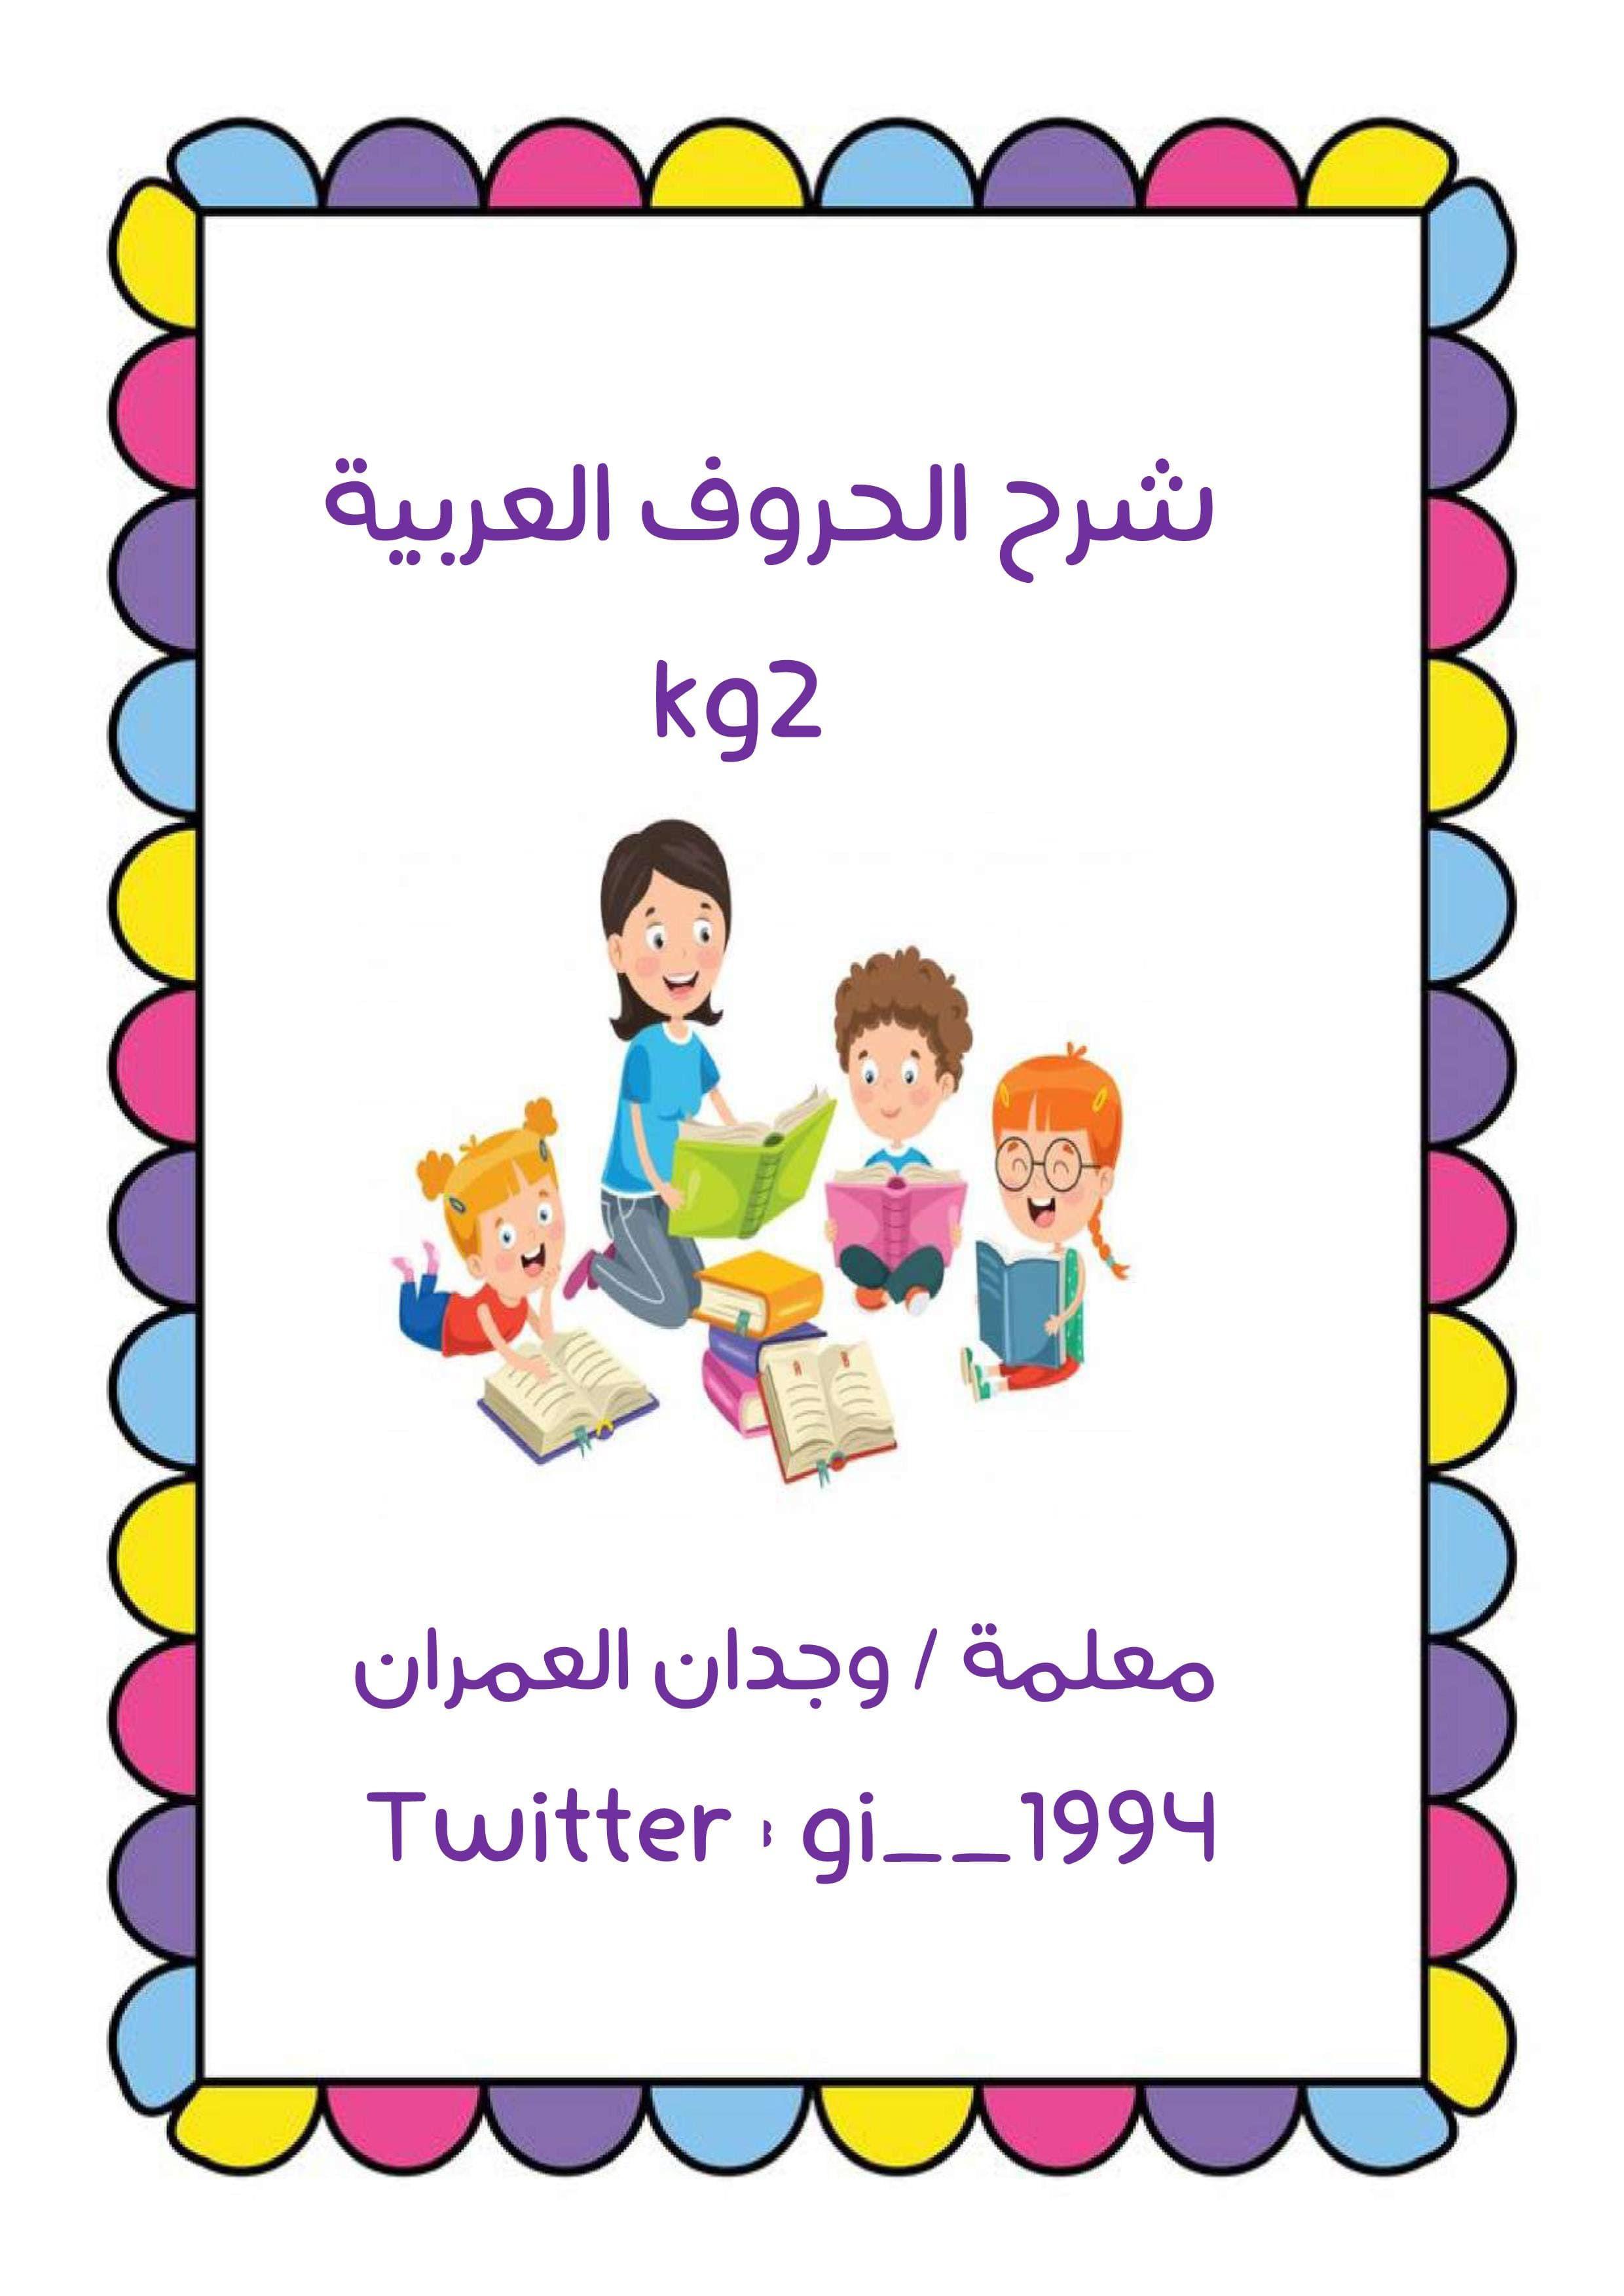 تعليم الاطفال شرح الحروف العربية بطريقة بسيطة و ممتعة المعلمة أسماء Preschool Activities Printable Arabic Alphabet For Kids Learning Arabic